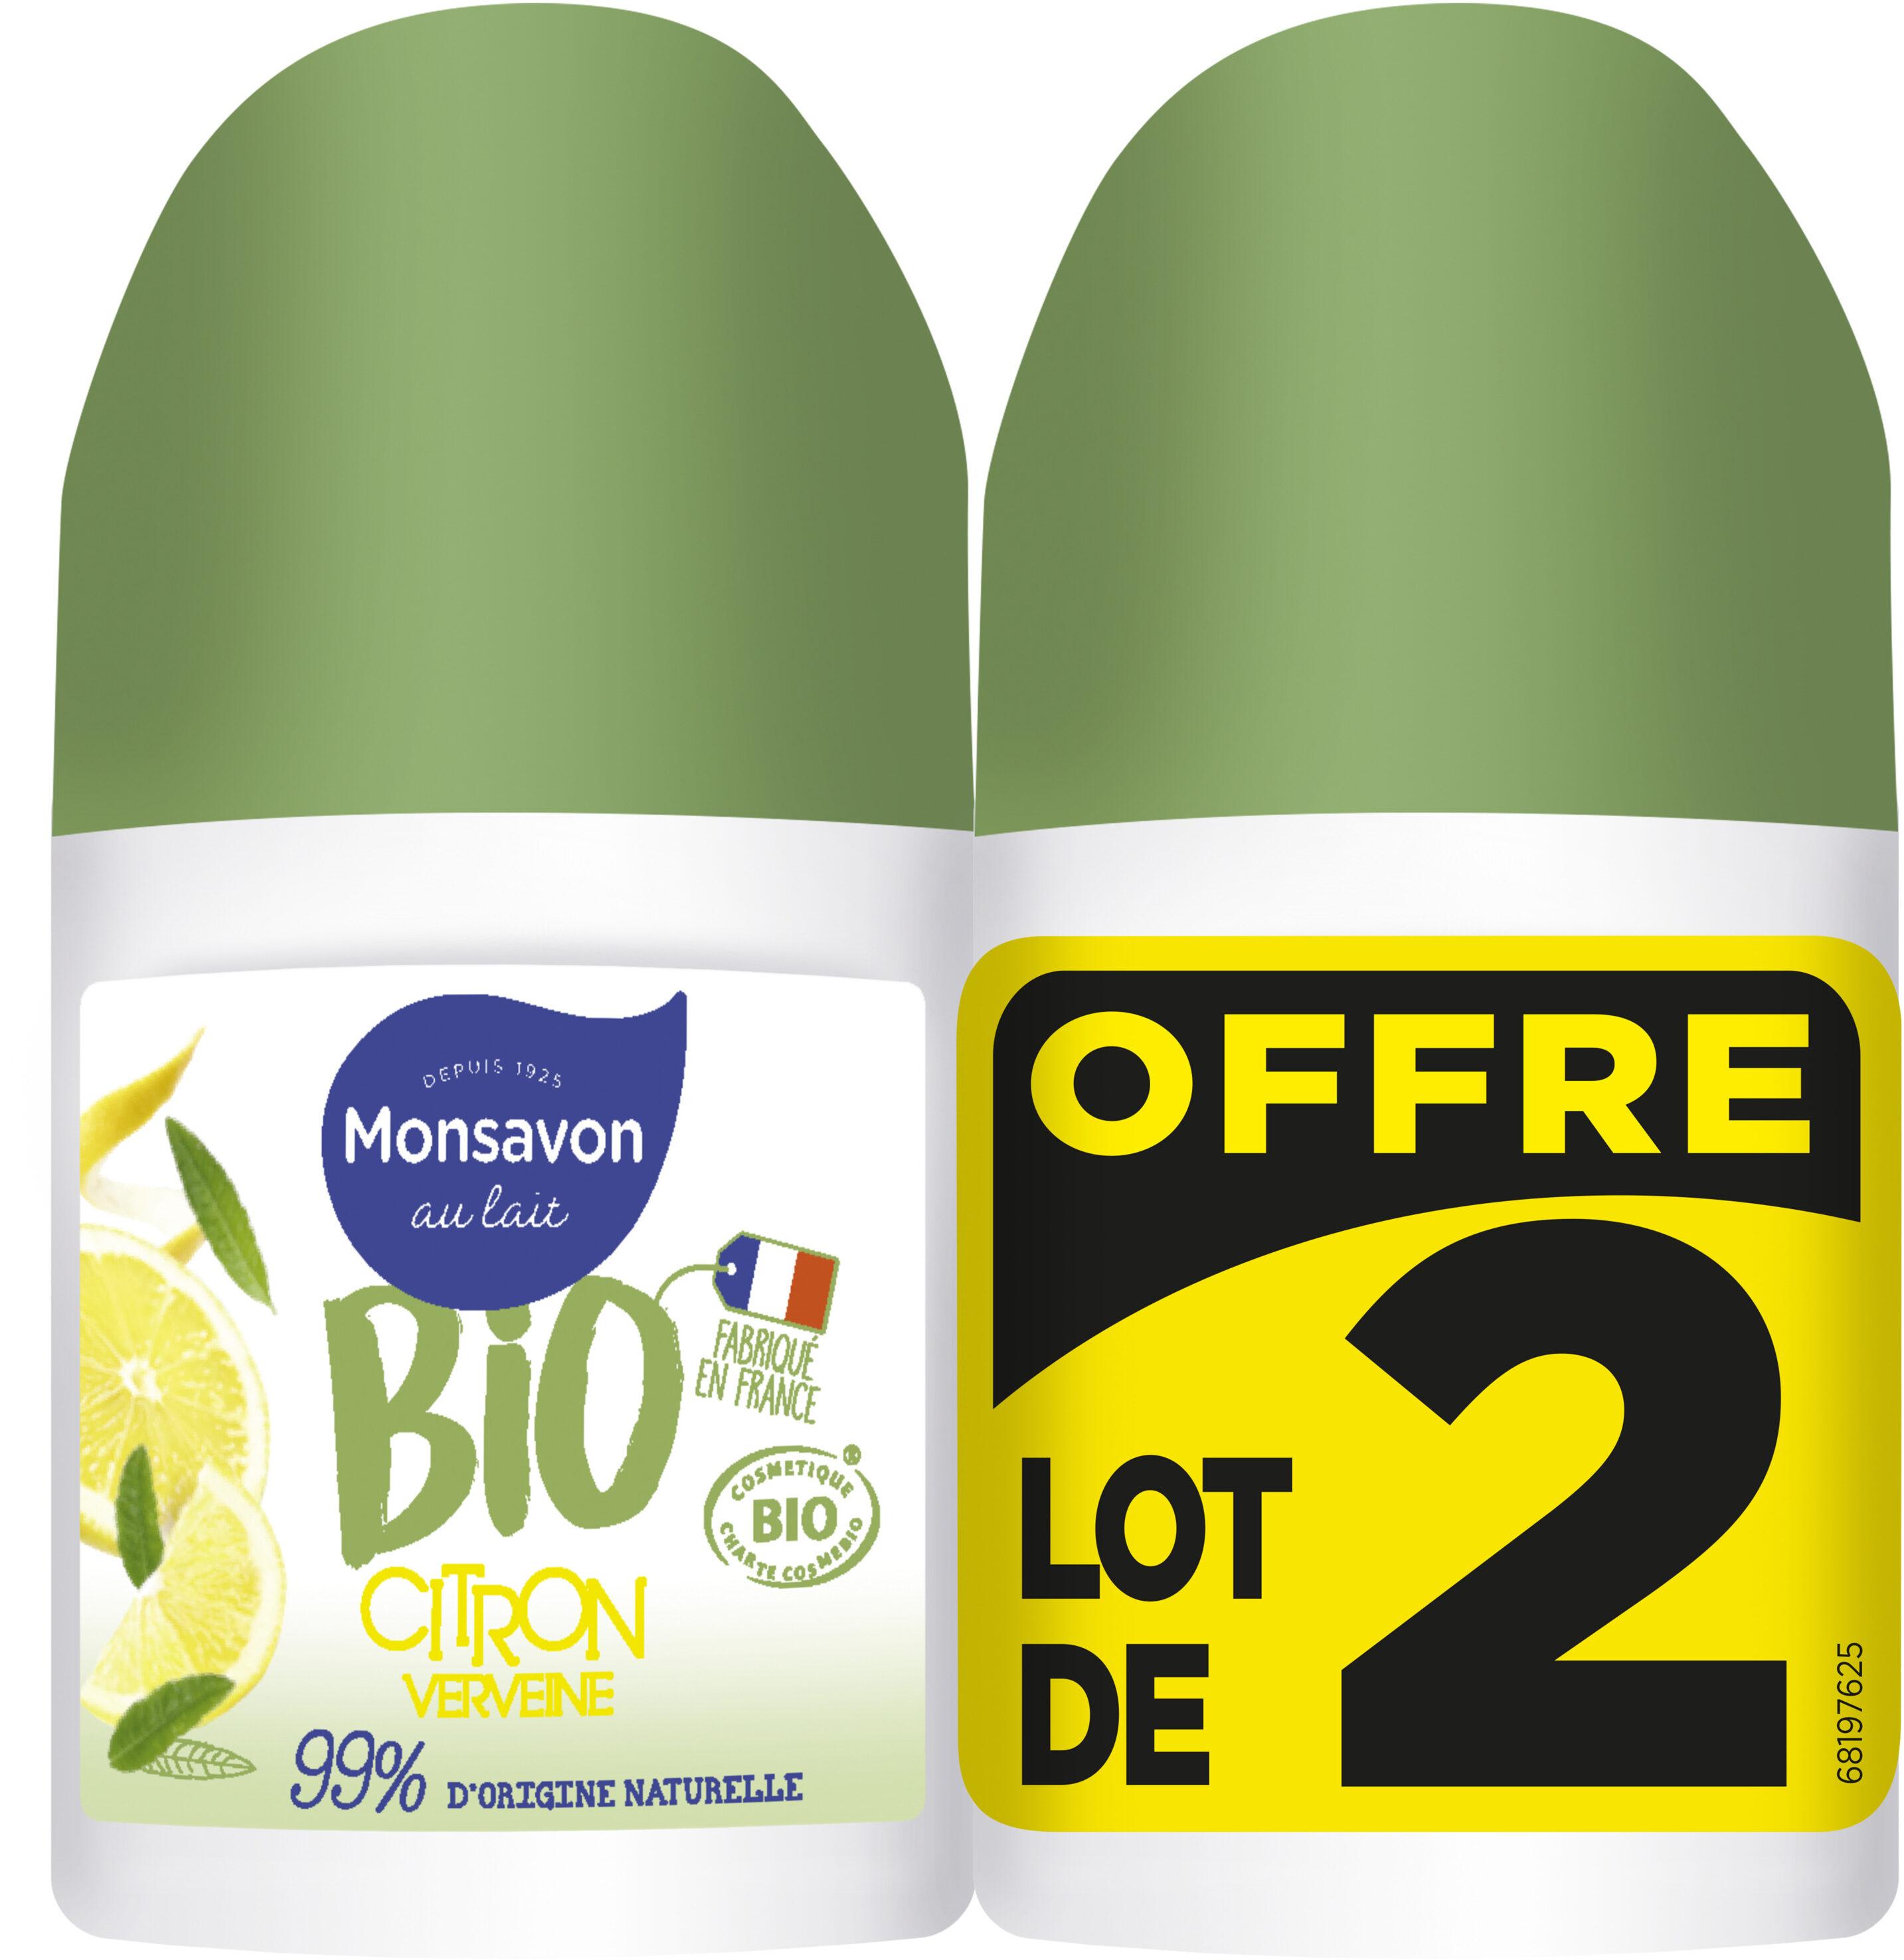 Monsavon Déodorant Bille Bio Senteur Citron Touche de Verveine Bille Lot 2x50ml - Produit - fr